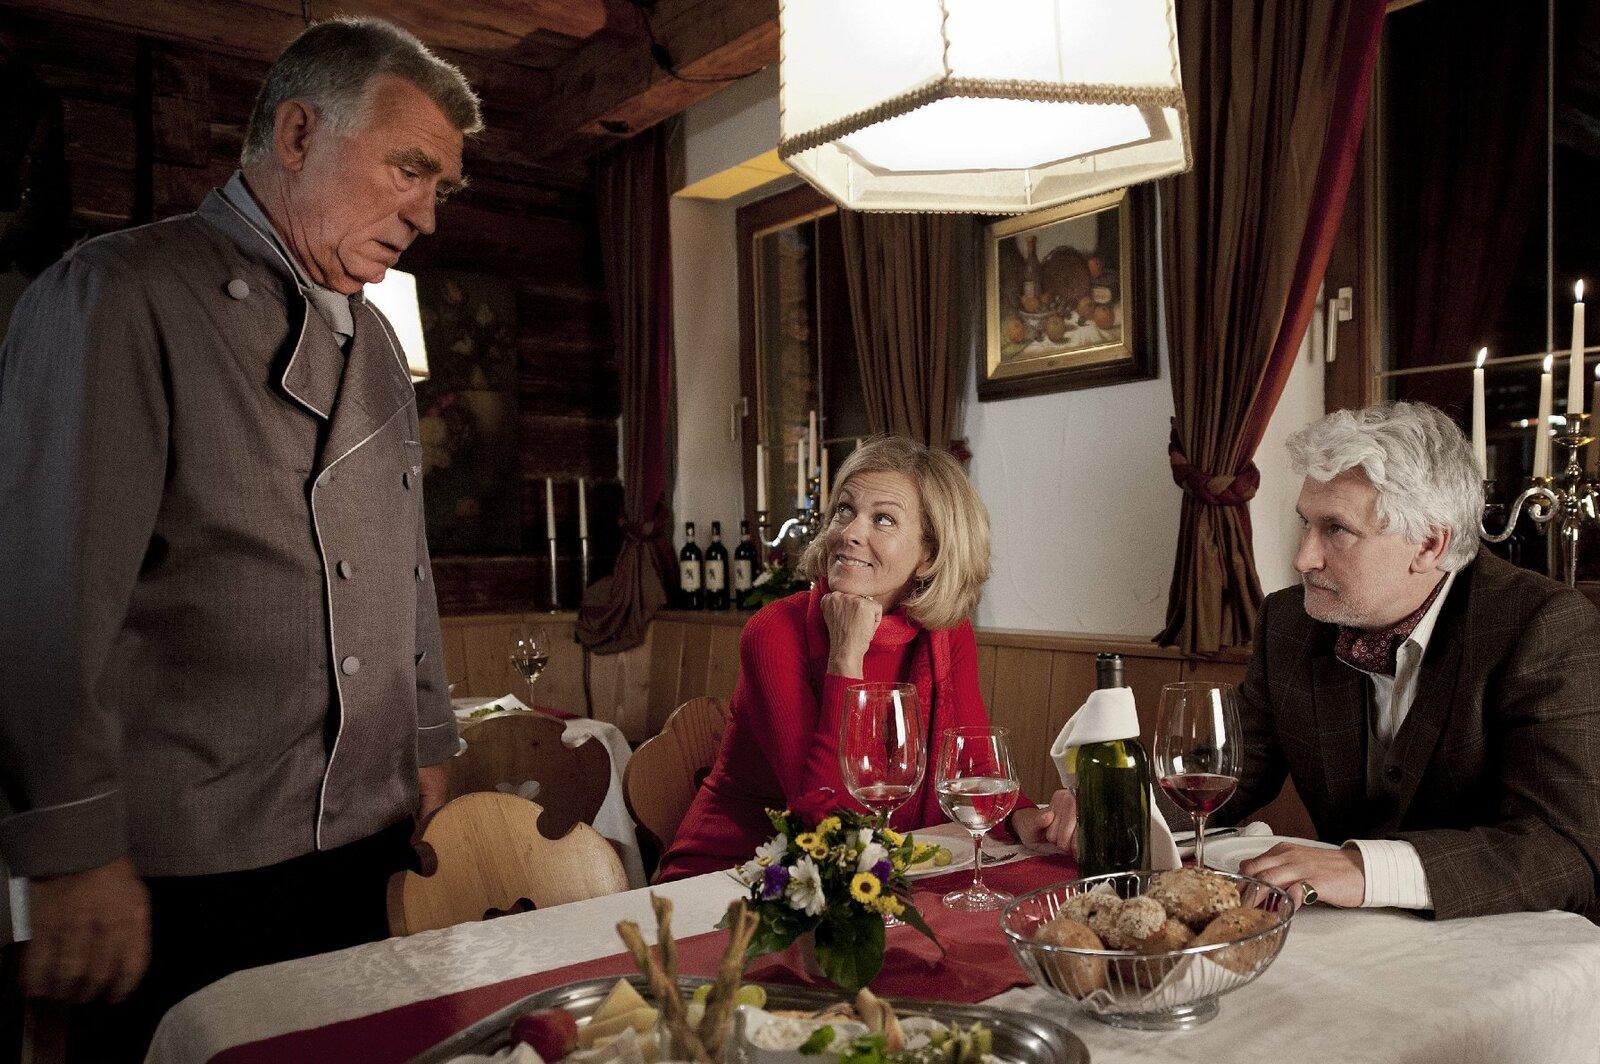 v.l.n.r.: Hannes Kofler (Heinz Marecek), Gräfin Schönberg (Andrea L'Arronge), Georg von Hohenkamm (Alexander Pelz) – Bild: ZDF und Stefanie Leo